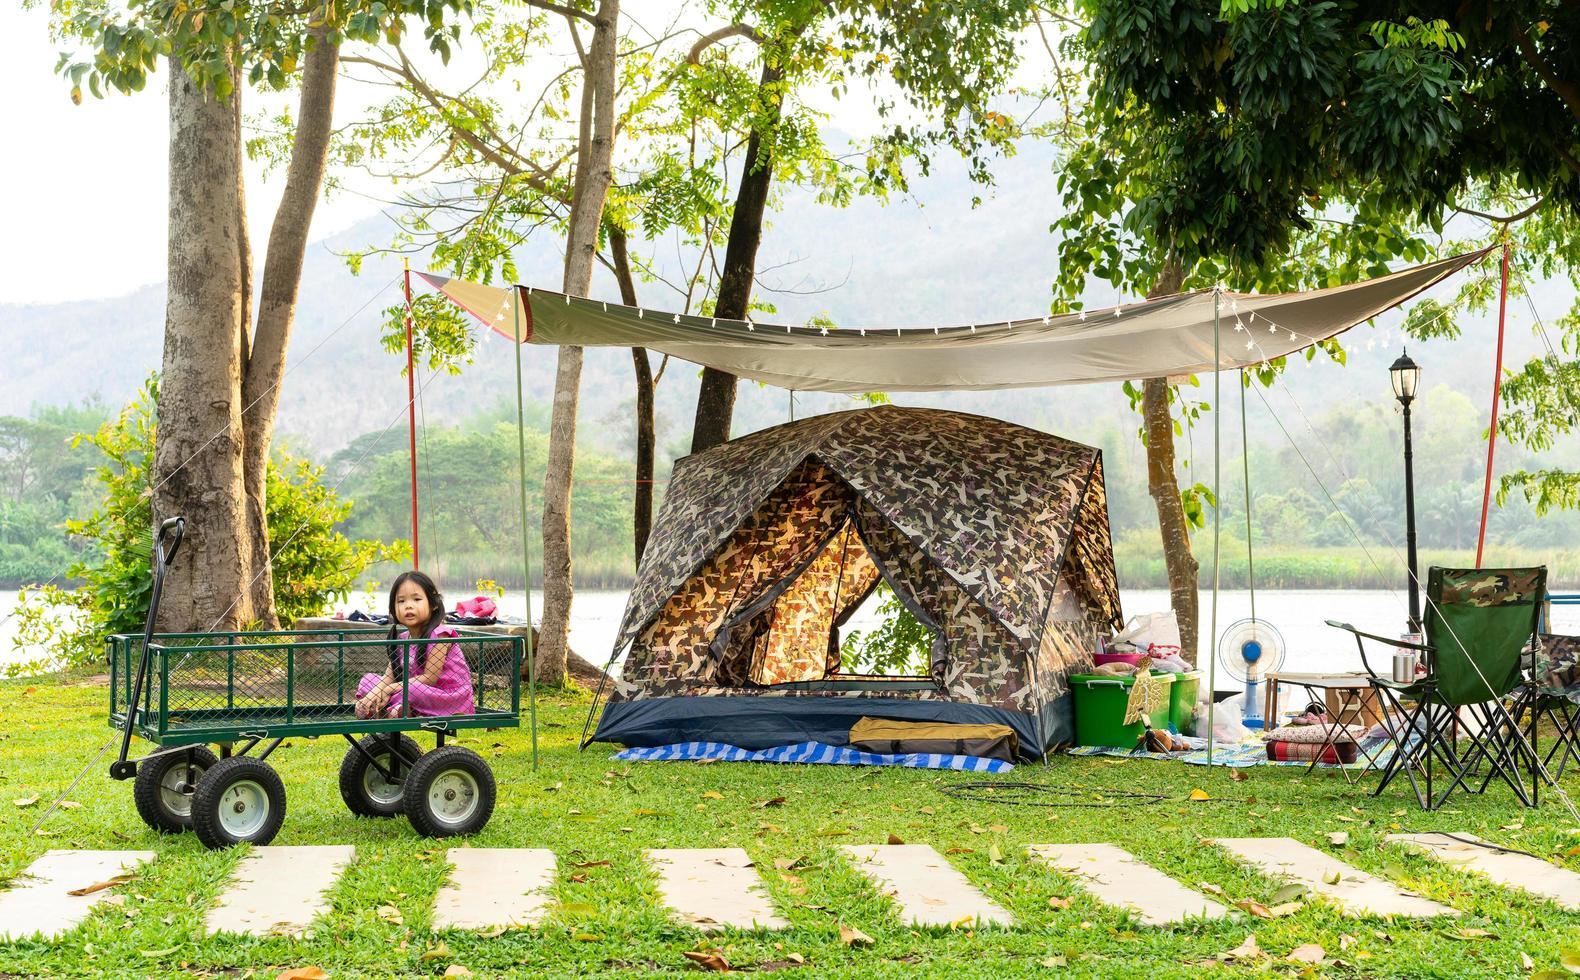 junges asiatisches Mädchen im Wagen auf Campingplatz foto